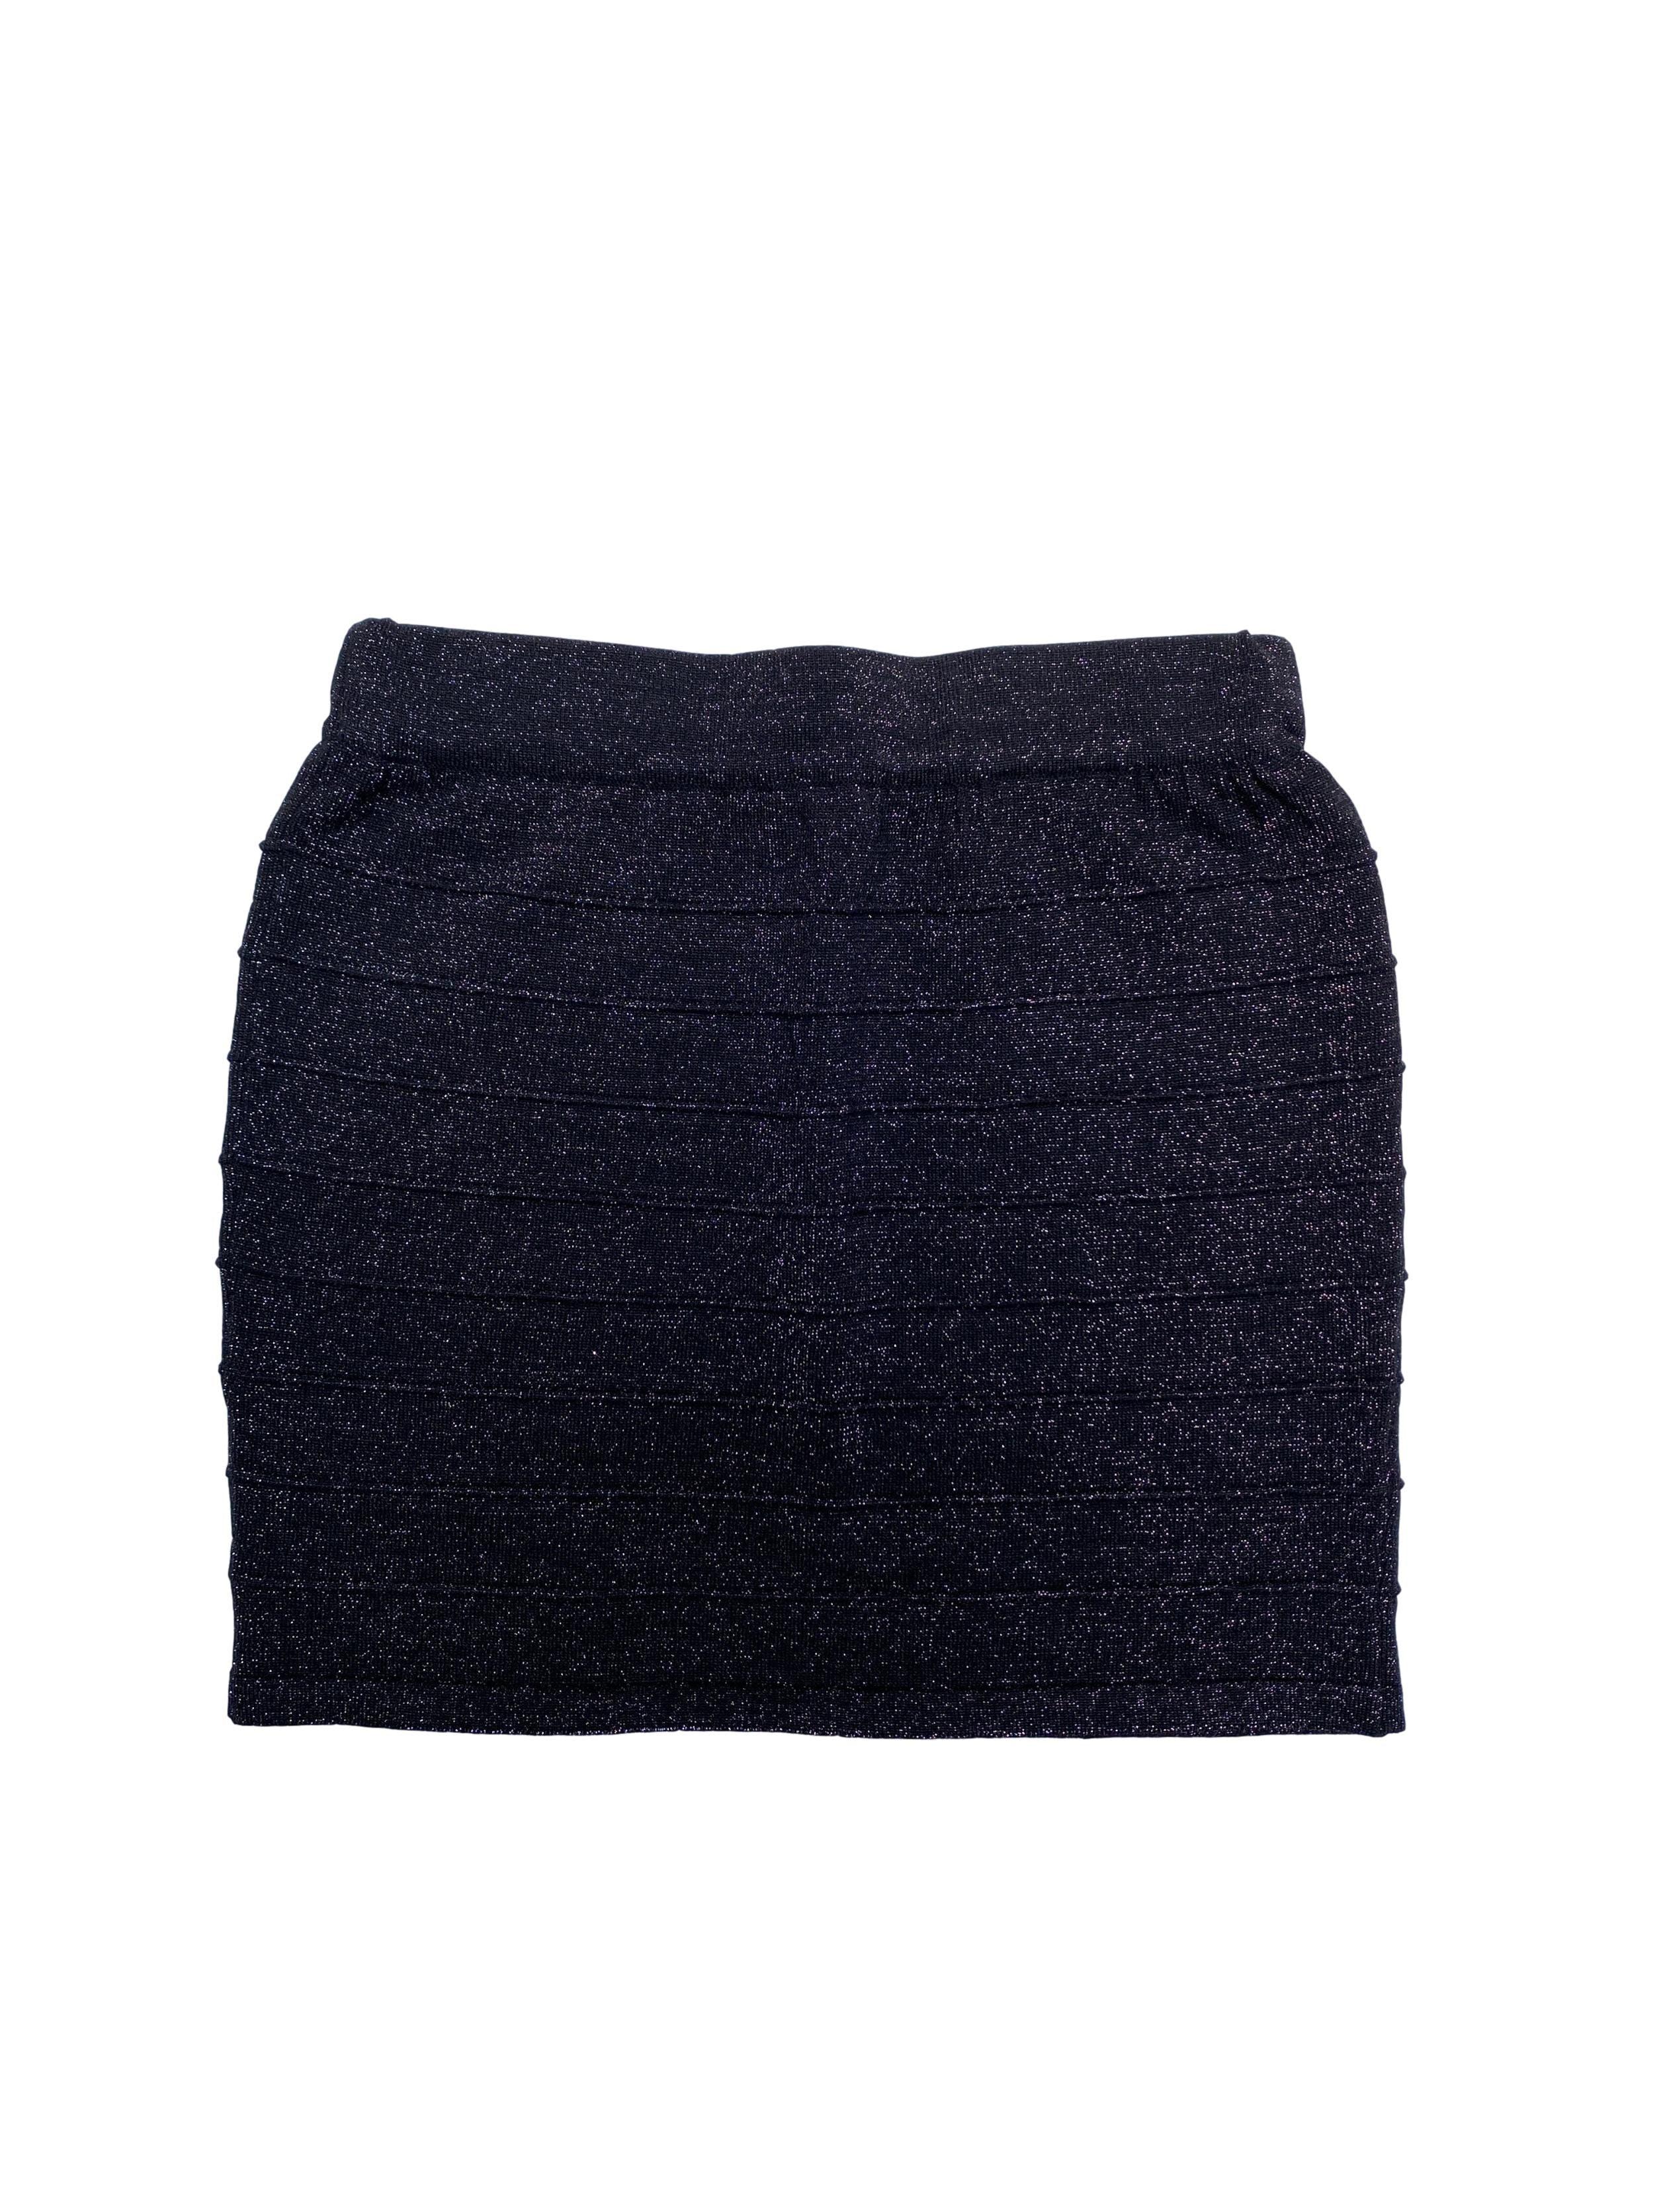 Falda de punto, hilos negros y escarchados. Cintura 66cm sin estiras Largo 40cm